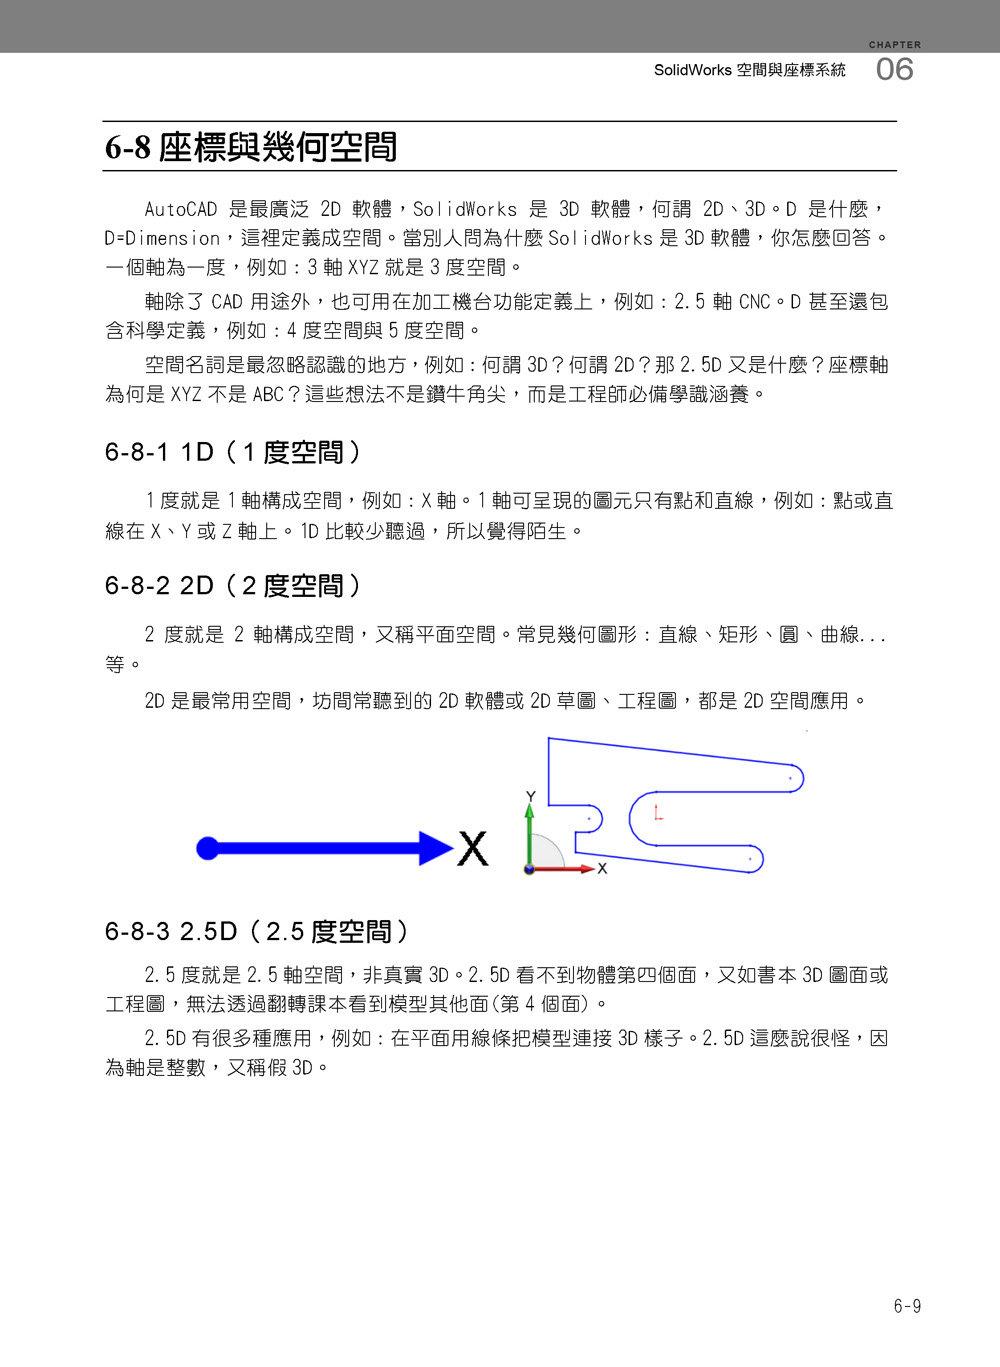 SolidWorks專業工程師訓練手冊[1]-基礎零件, 2/e-preview-1